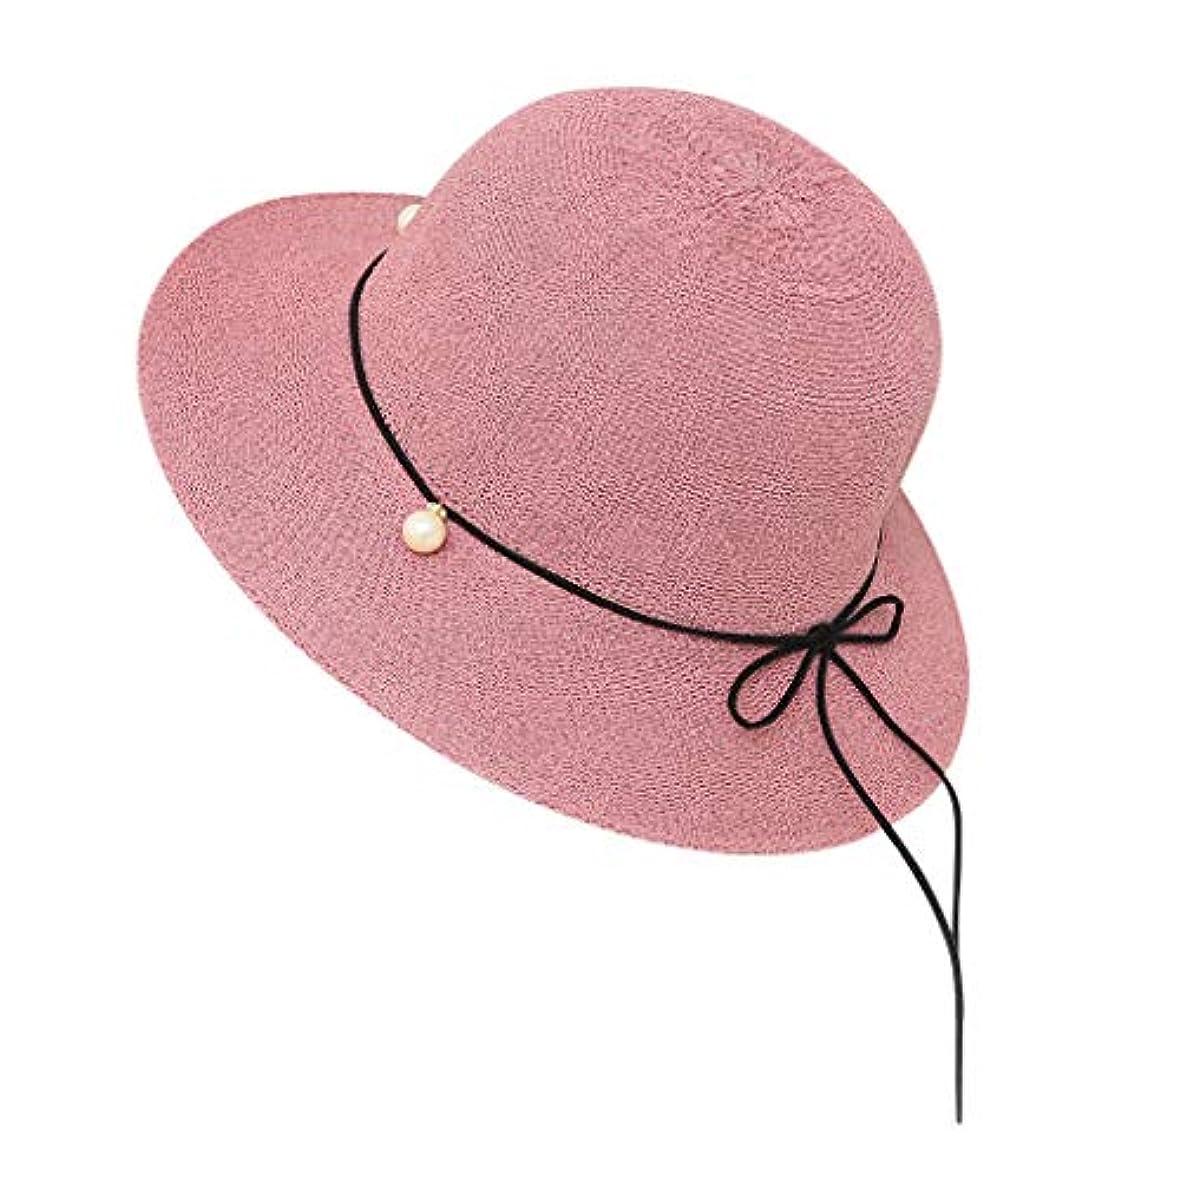 変な弱点アイドル帽子 レディース 夏 女性 UVカット 帽子 ハット 漁師帽 つば広 吸汗通気 紫外線対策 大きいサイズ 日焼け防止 サイズ調節 ベレー帽 帽子 レディース ビーチ 海辺 森ガール 女優帽 日よけ ROSE ROMAN